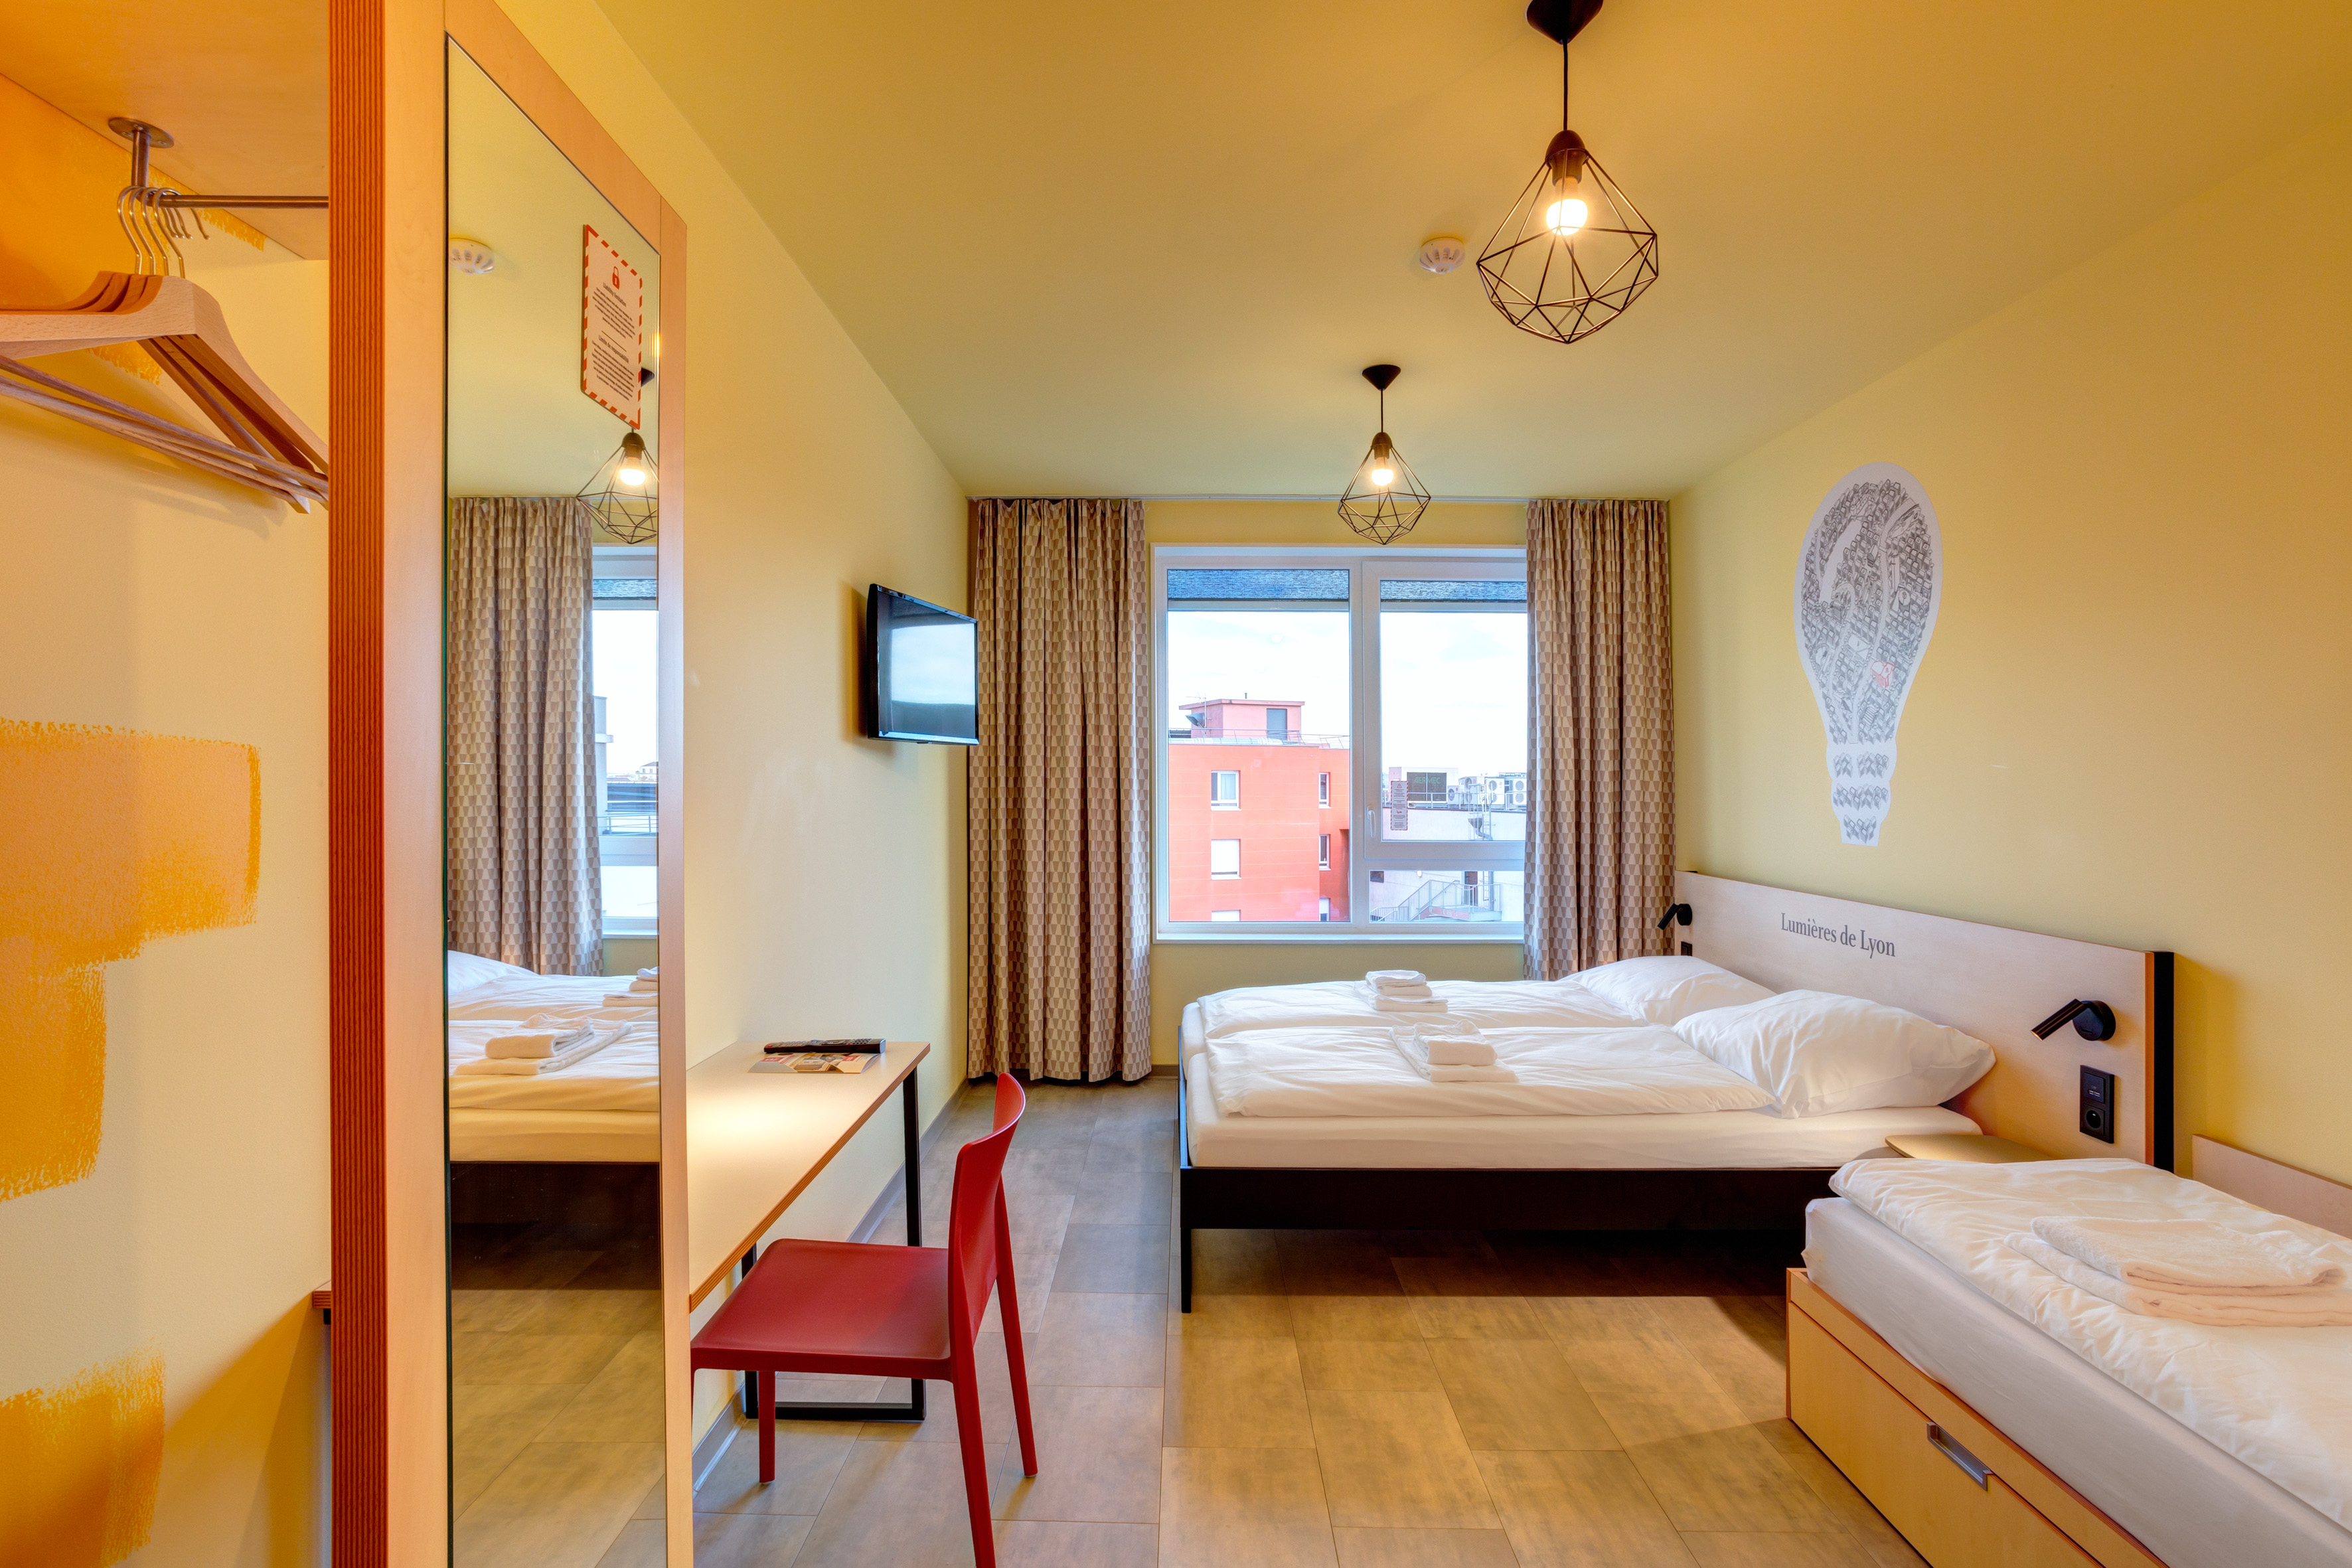 MEININGER Hotel Lyon Centre Berthelot - Meerpersoonskamer